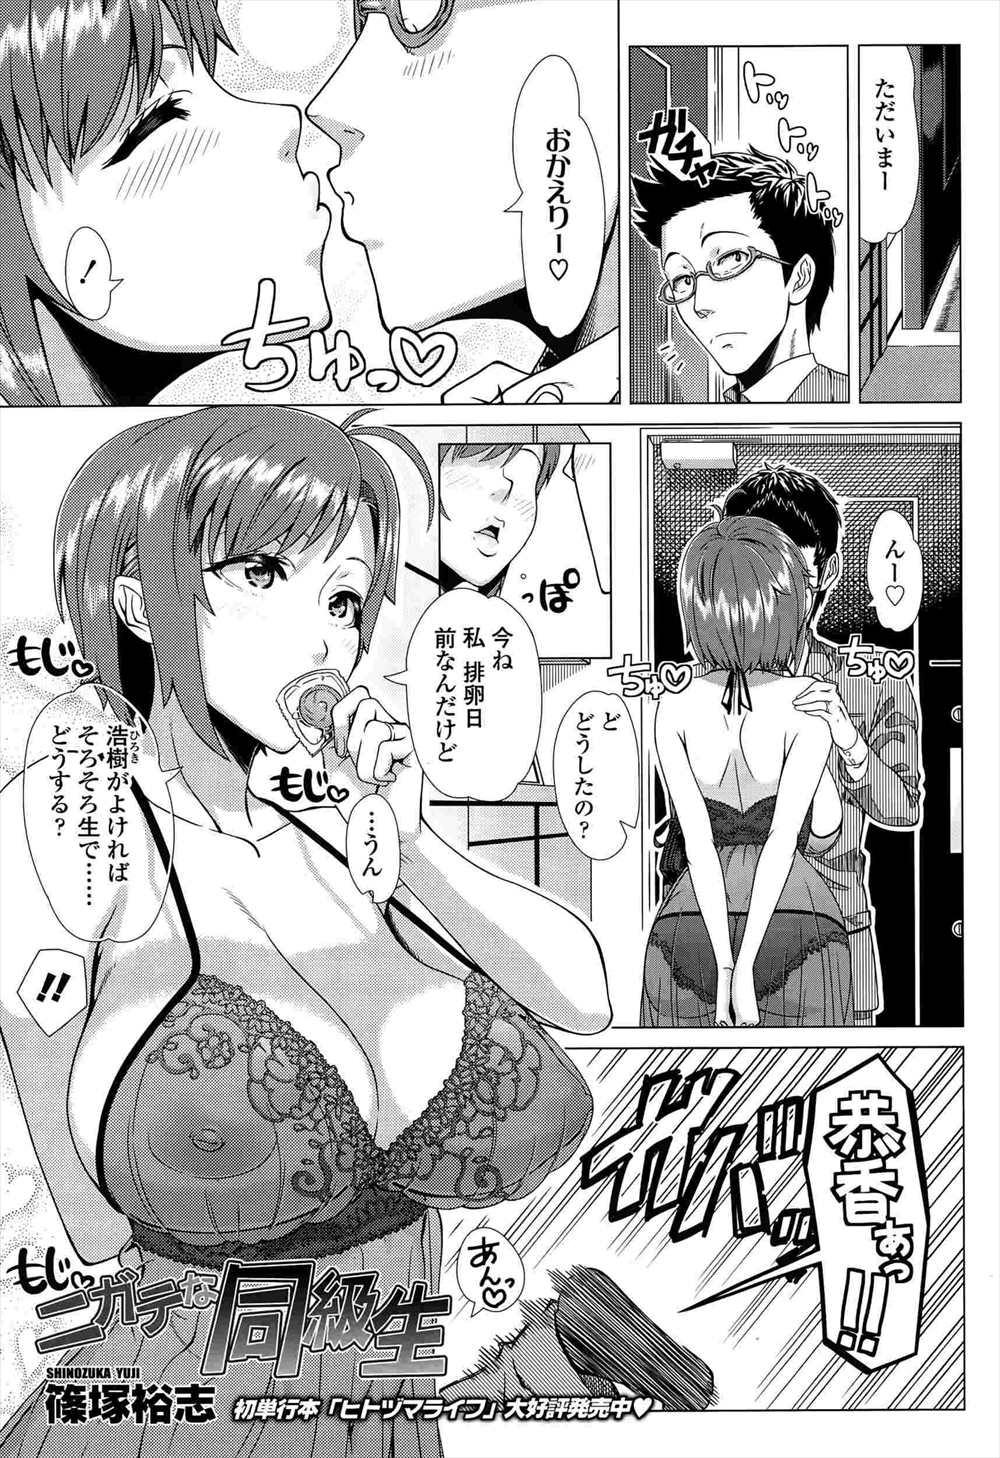 【エロ漫画】友達の旦那が苦手なのに男に誘われてセックスしちゃう淫乱ビッチ女www